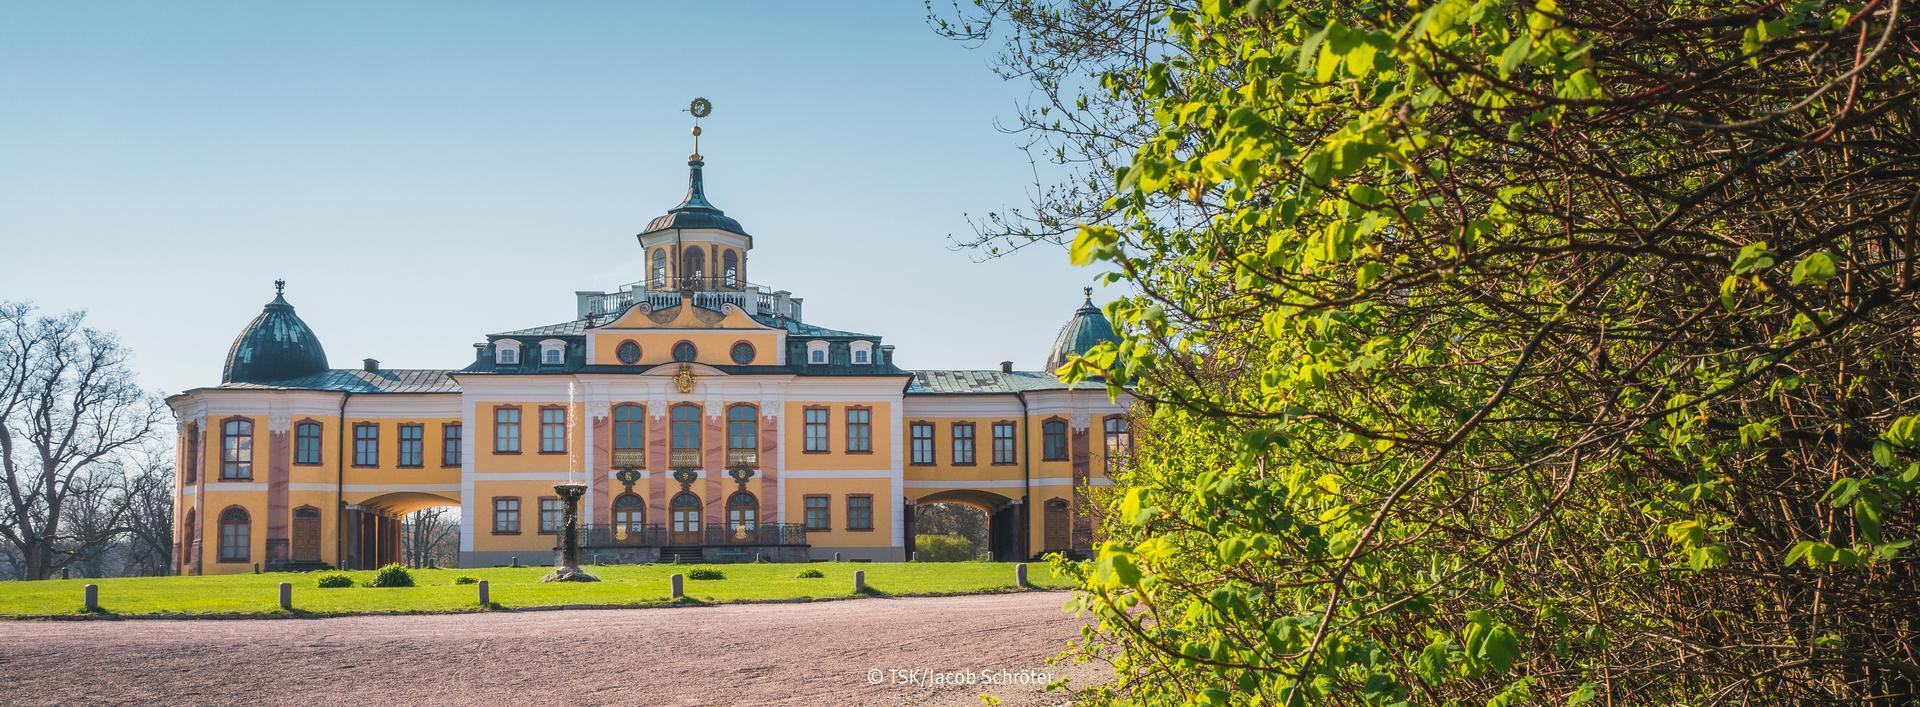 Schloss Belvedere in Weimar.